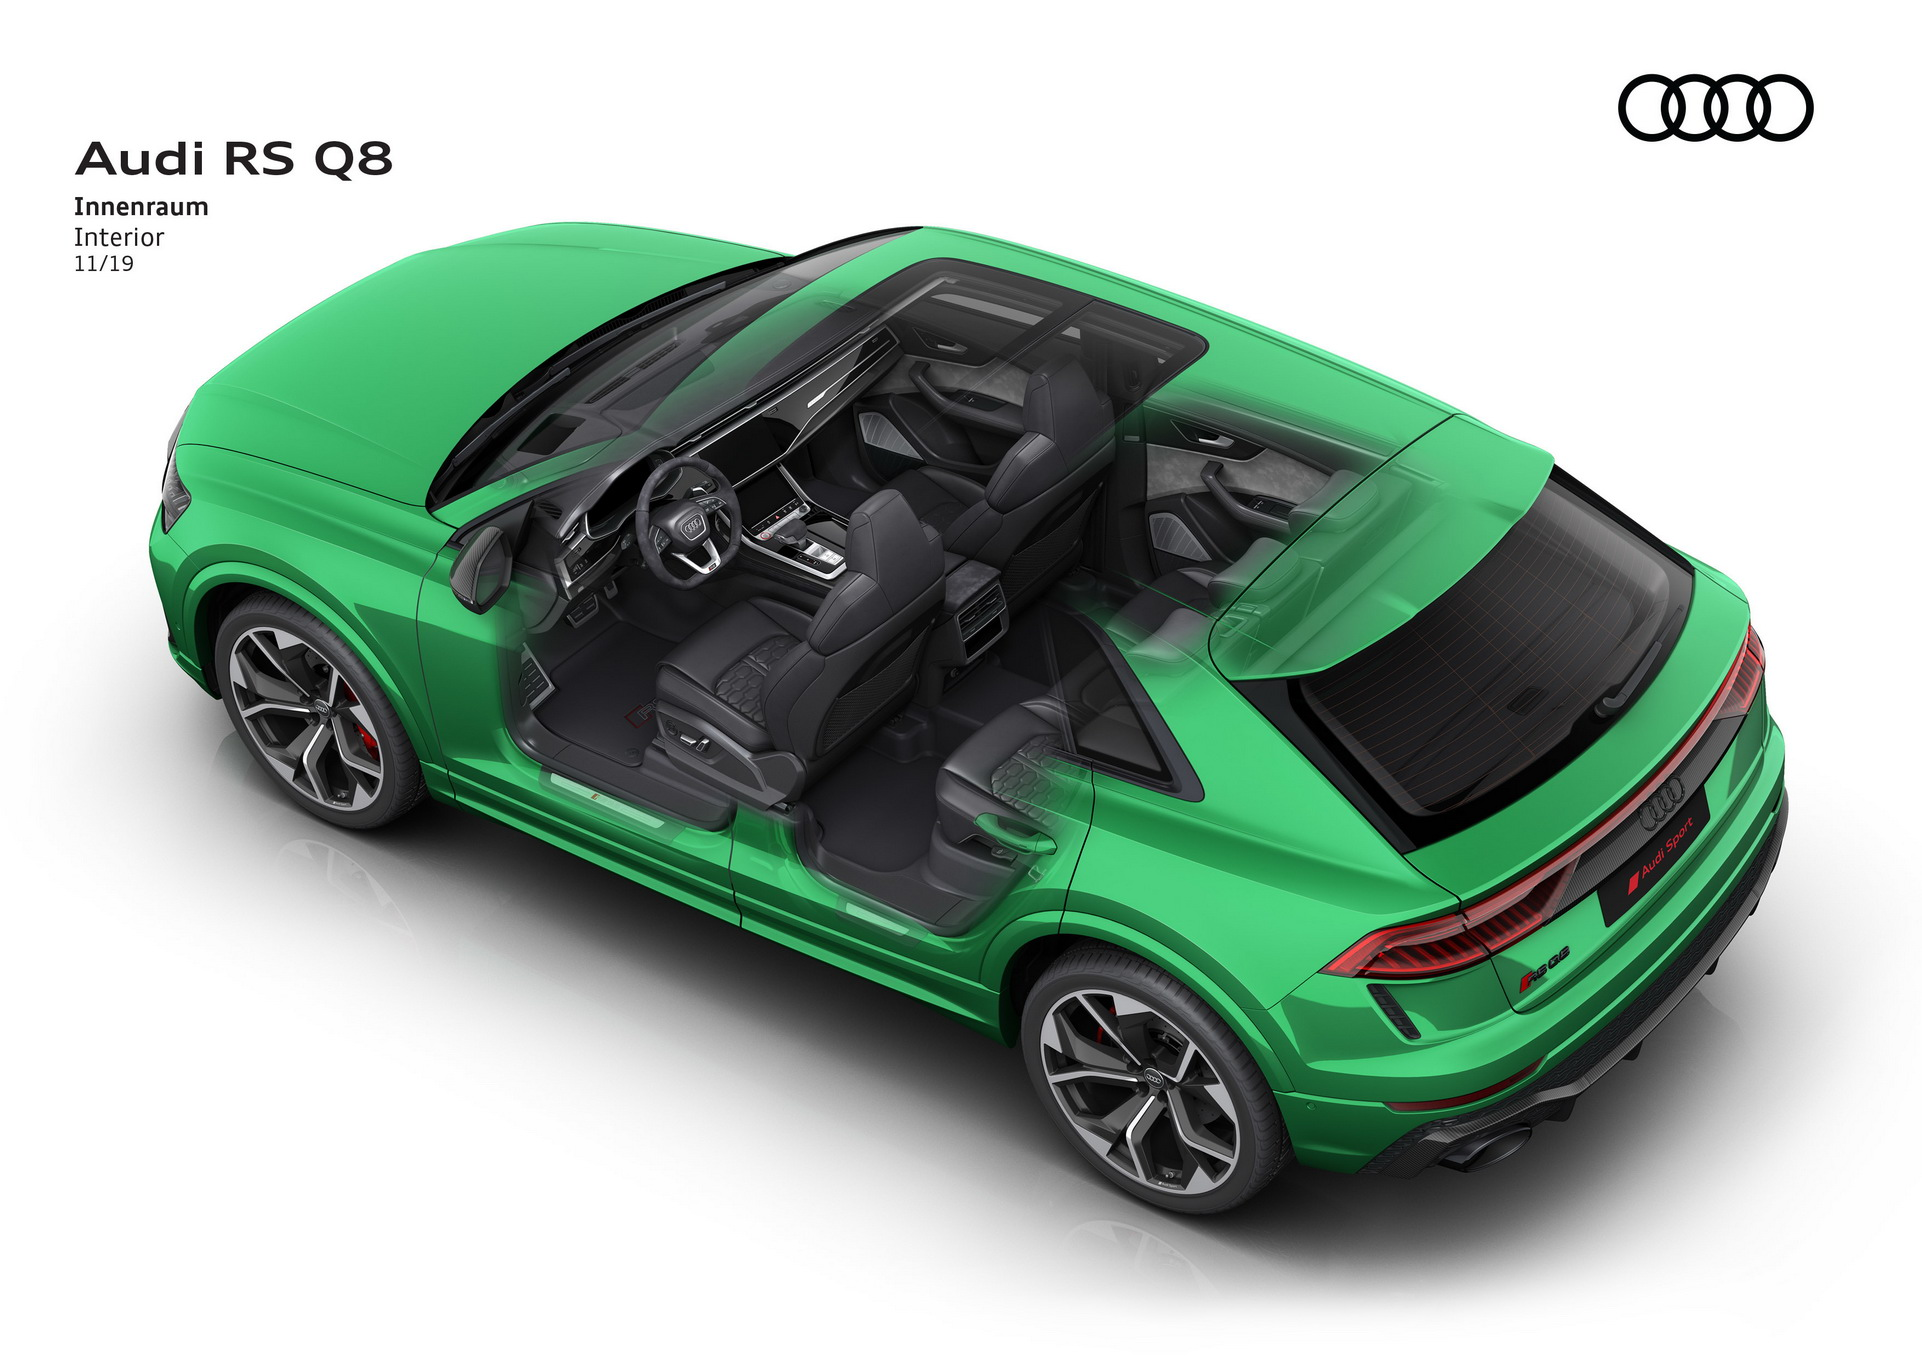 Audi-RS-Q8-63